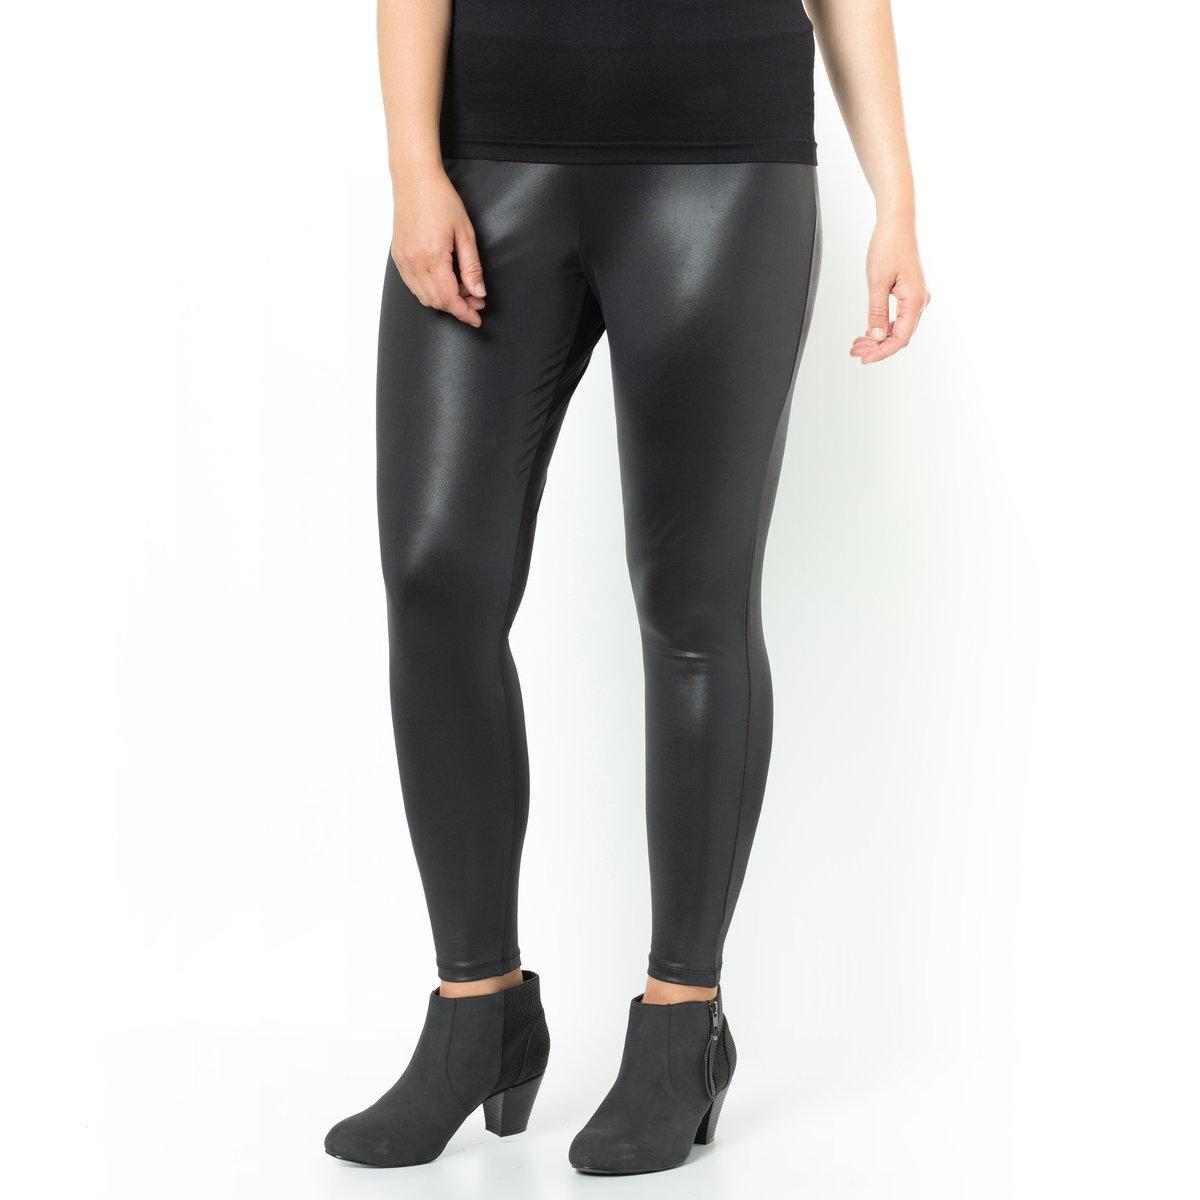 Леггинсы лаковые длинные, черного цветаЛеггинсы длинные, с лаковым эффектом. Модные и удобные в носке леггинсы, которые отлично сочетаются с туникой для создания образа в стиле рок. Очень удобный эластичный пояс. Лаковый эффект материала, 92% полиэстера, 8% эластана. Длина по внутр.шву 68 см.<br><br>Цвет: черный<br>Размер: 62/64 (FR) - 68/70 (RUS).42/44 (FR) - 48/50 (RUS)